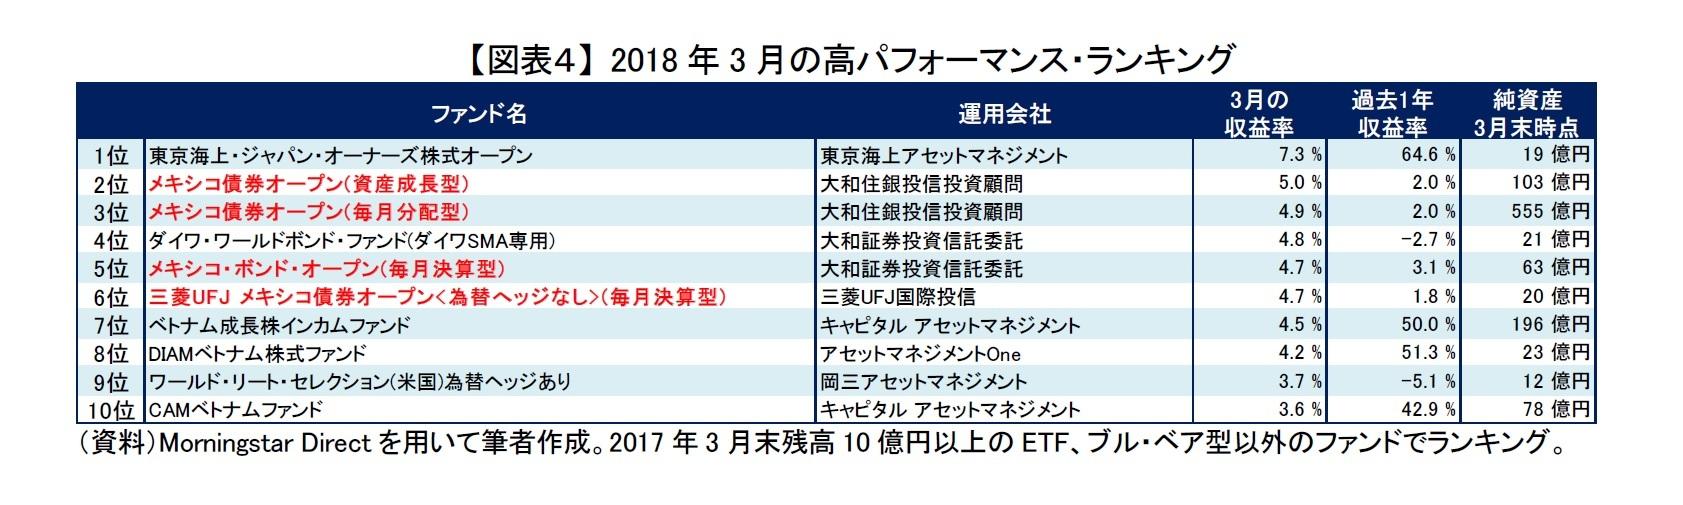 【図表4】 2018年3月の高パフォーマンス・ランキング